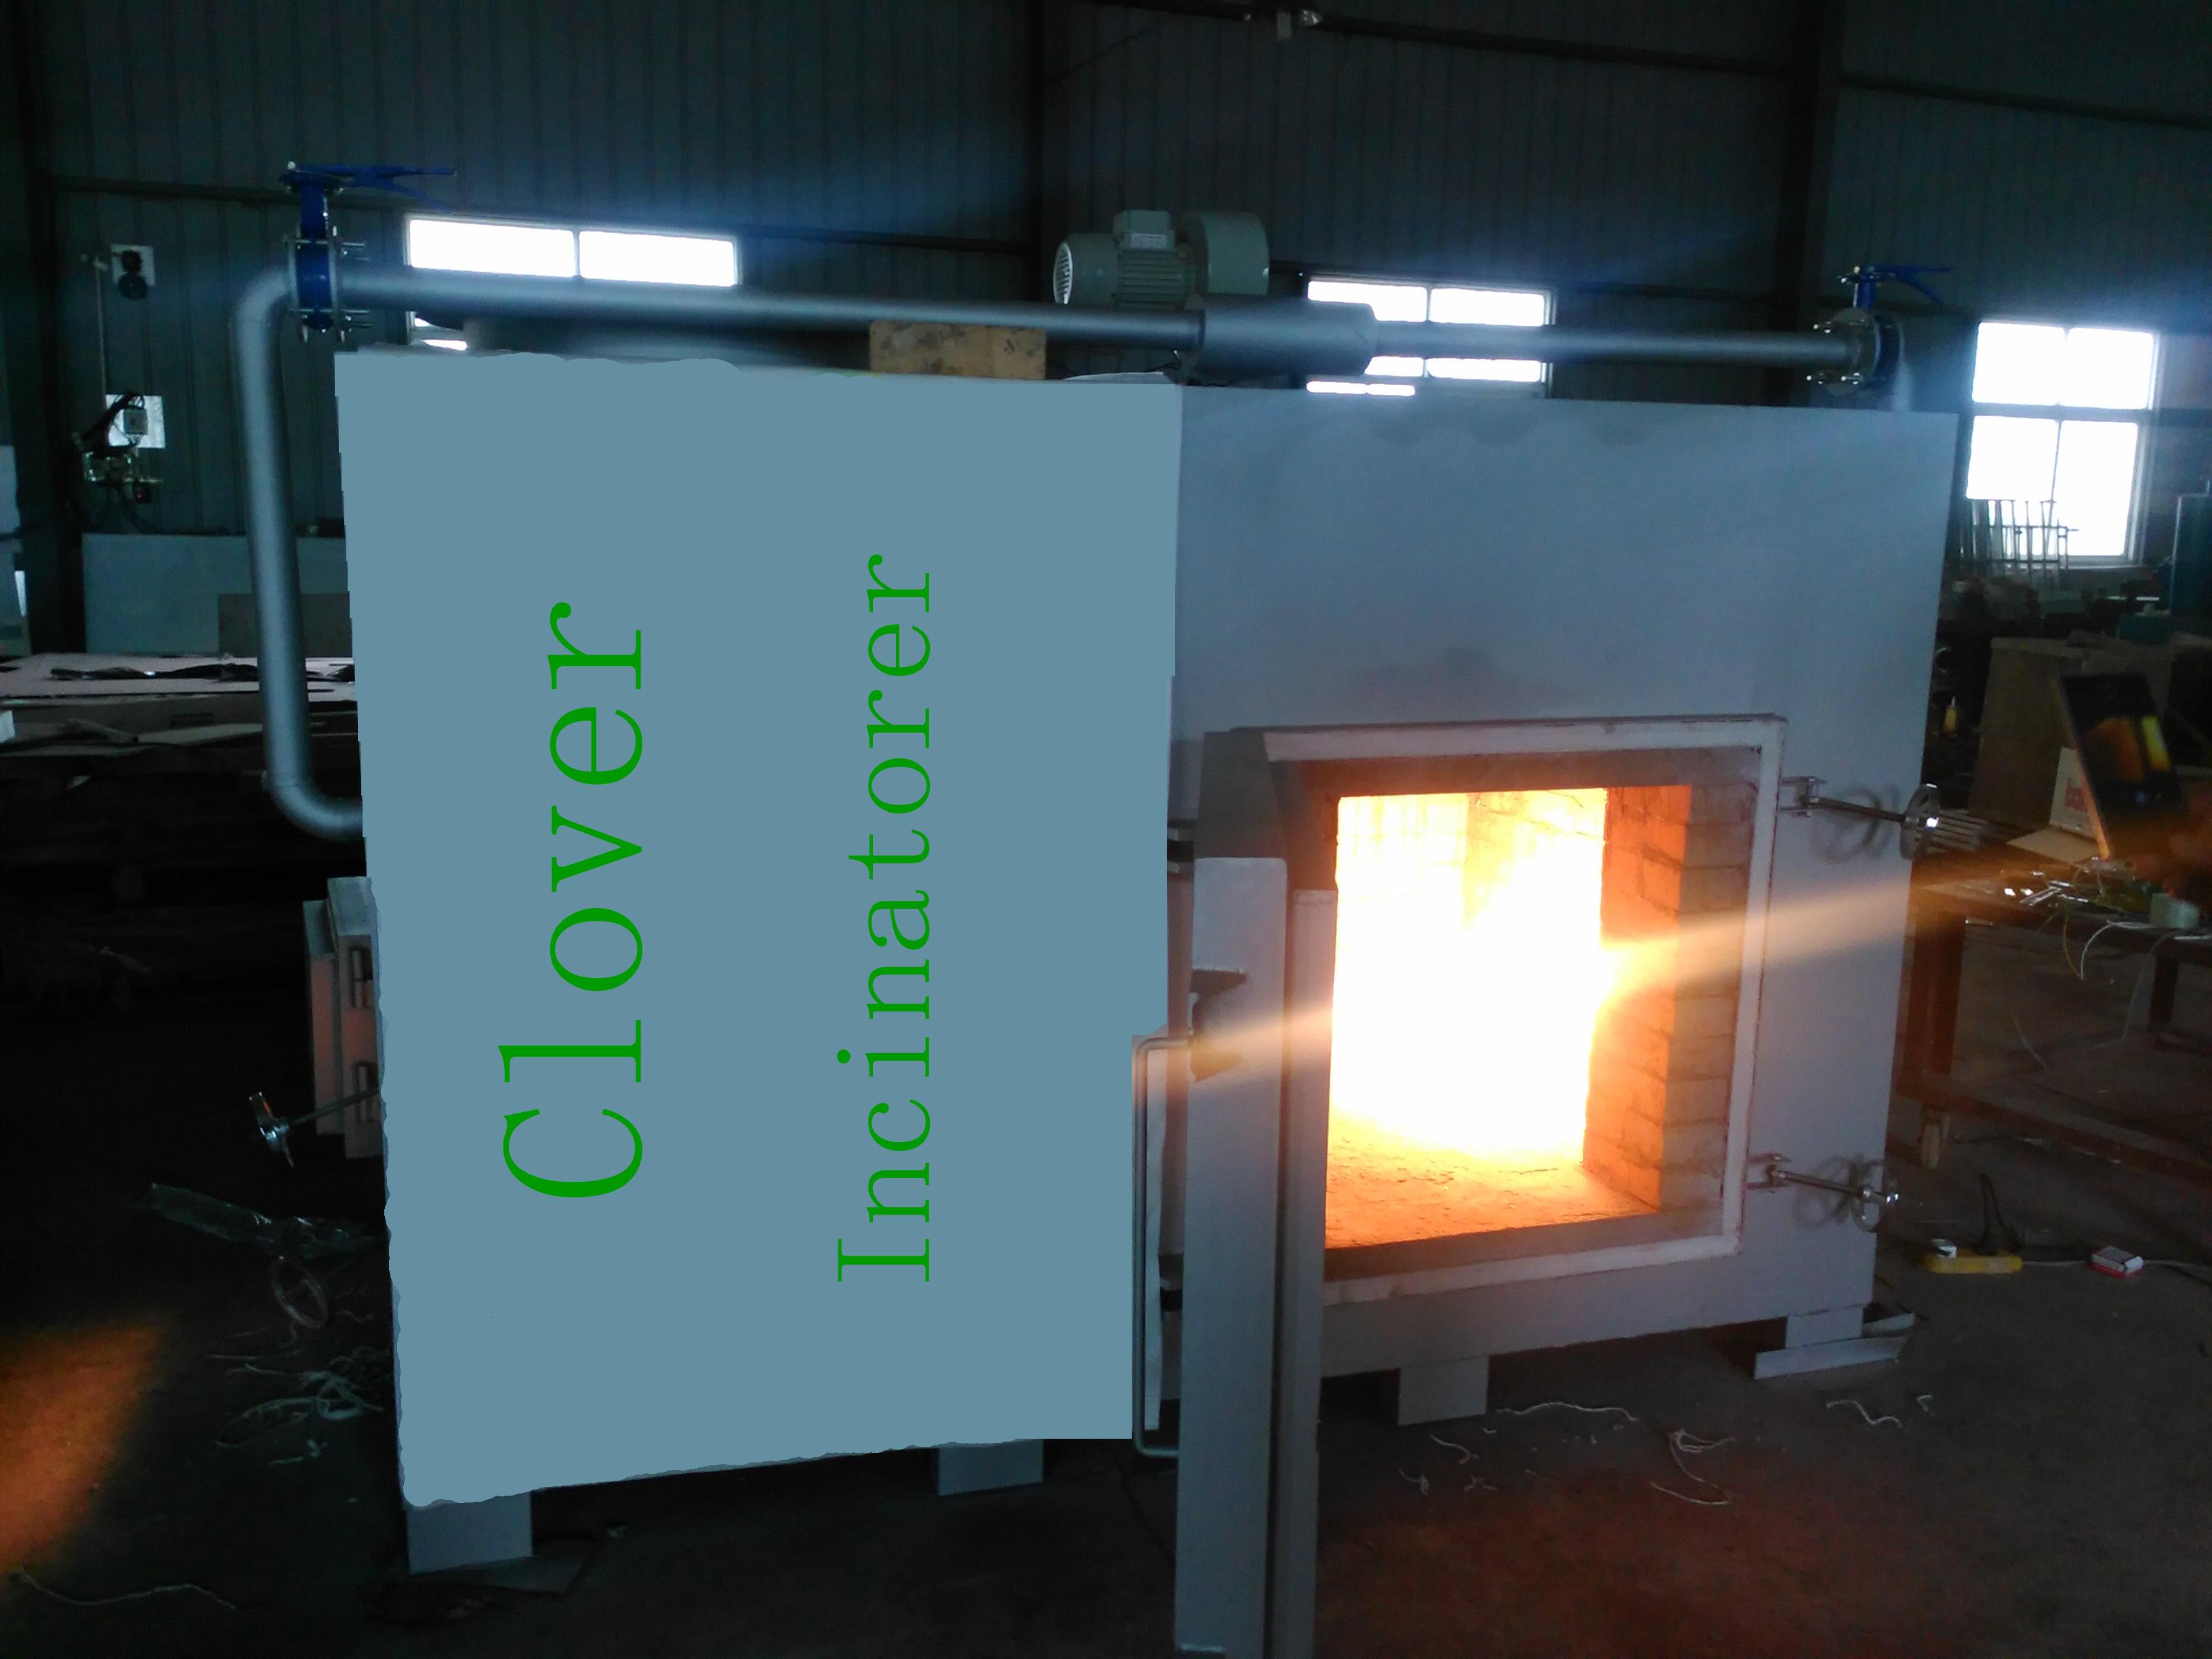 INCINERATEUR COMBUSTION DESTRUCTION OF MEDICAL WASTE PYROLYTIC AND LABORATORY,incinerator medical waste manufacturer